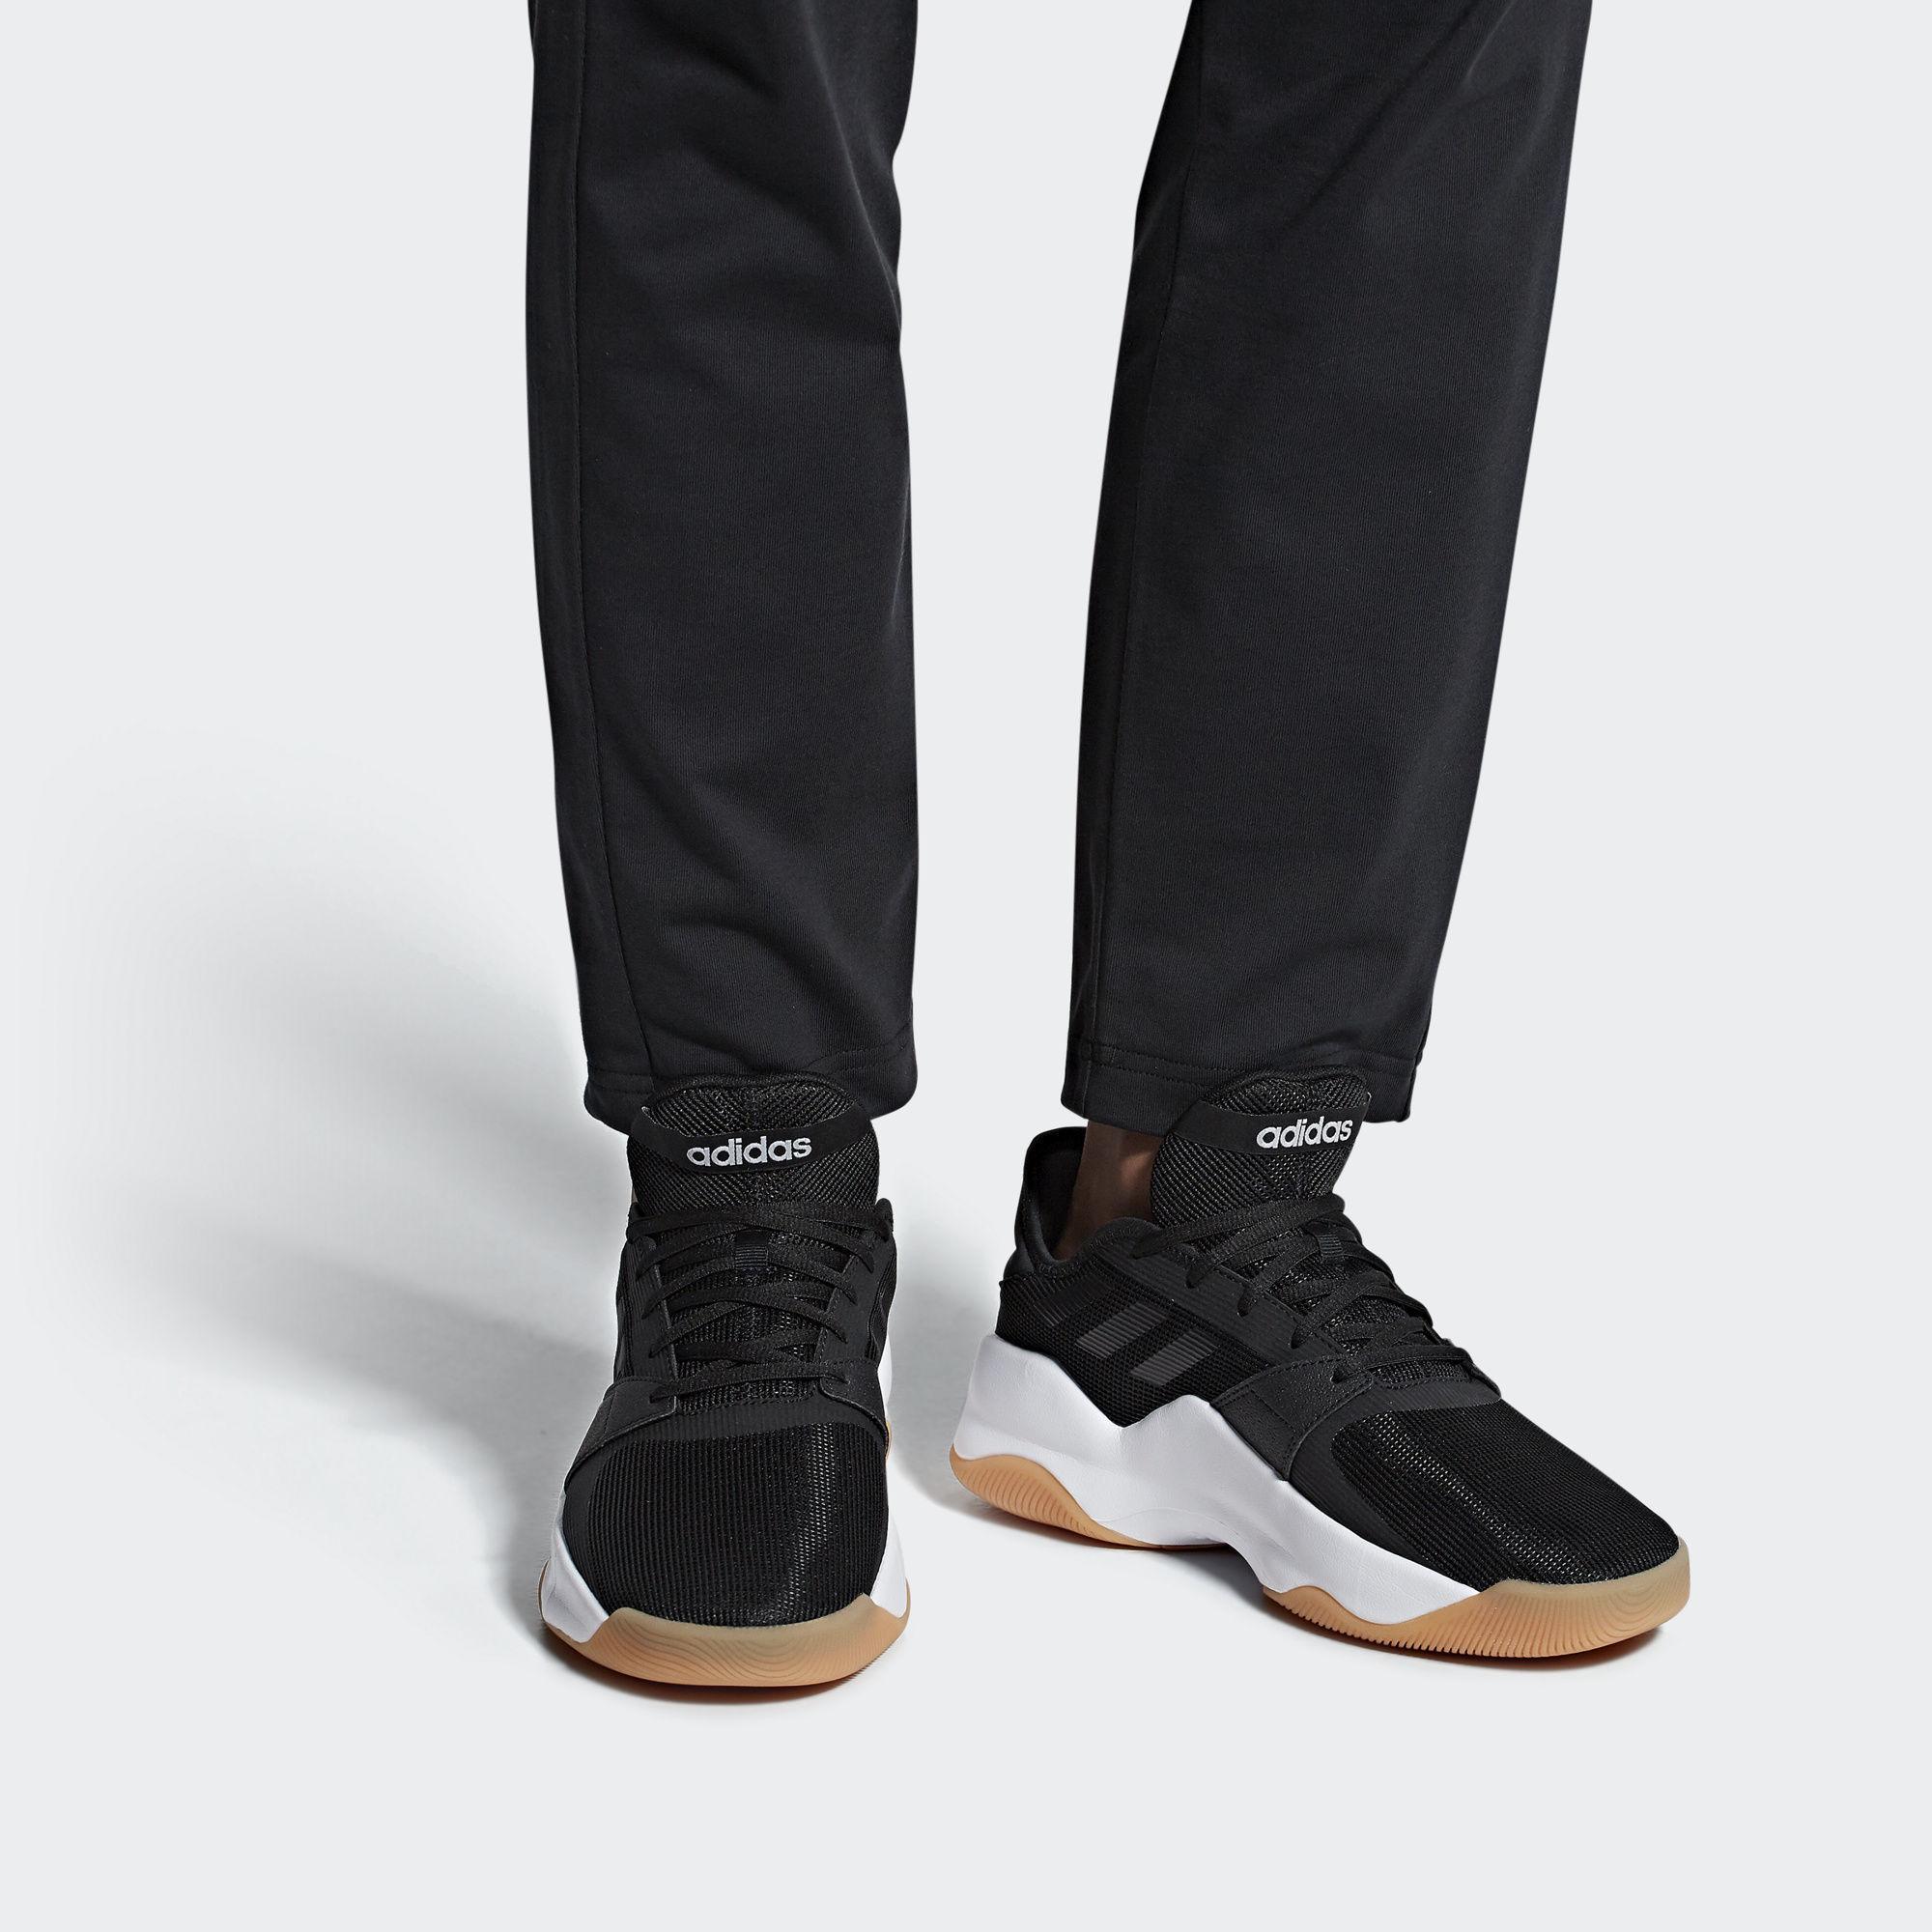 Adidas Basketballschuhe Herren Core Core Core schwarz   Core schwarz   Ftwr Weiß im Online Shop von SportScheck kaufen Gute Qualität beliebte Schuhe 447d6c